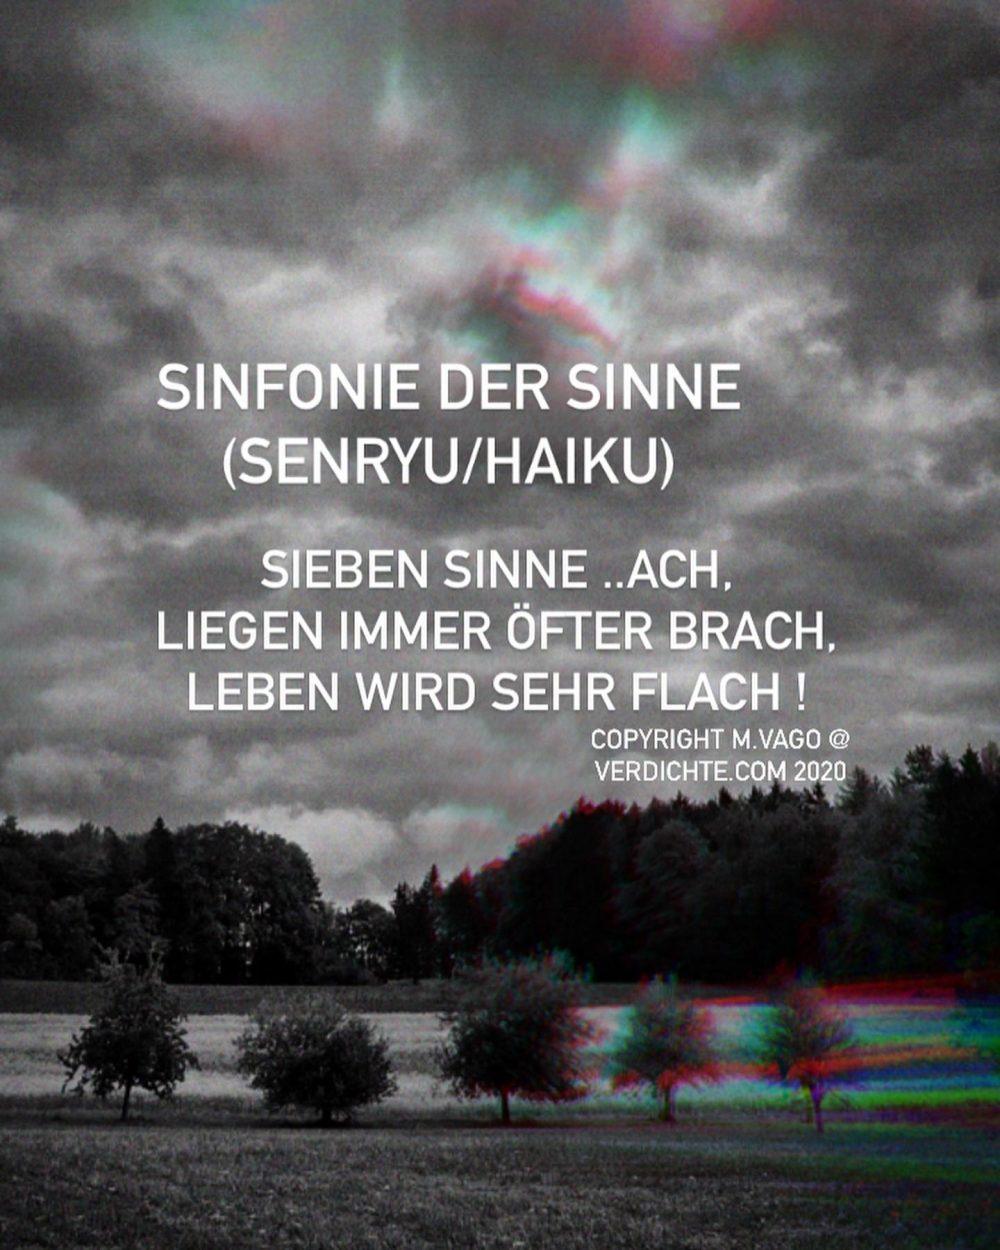 Sinfonie der Sinne (Haiku)